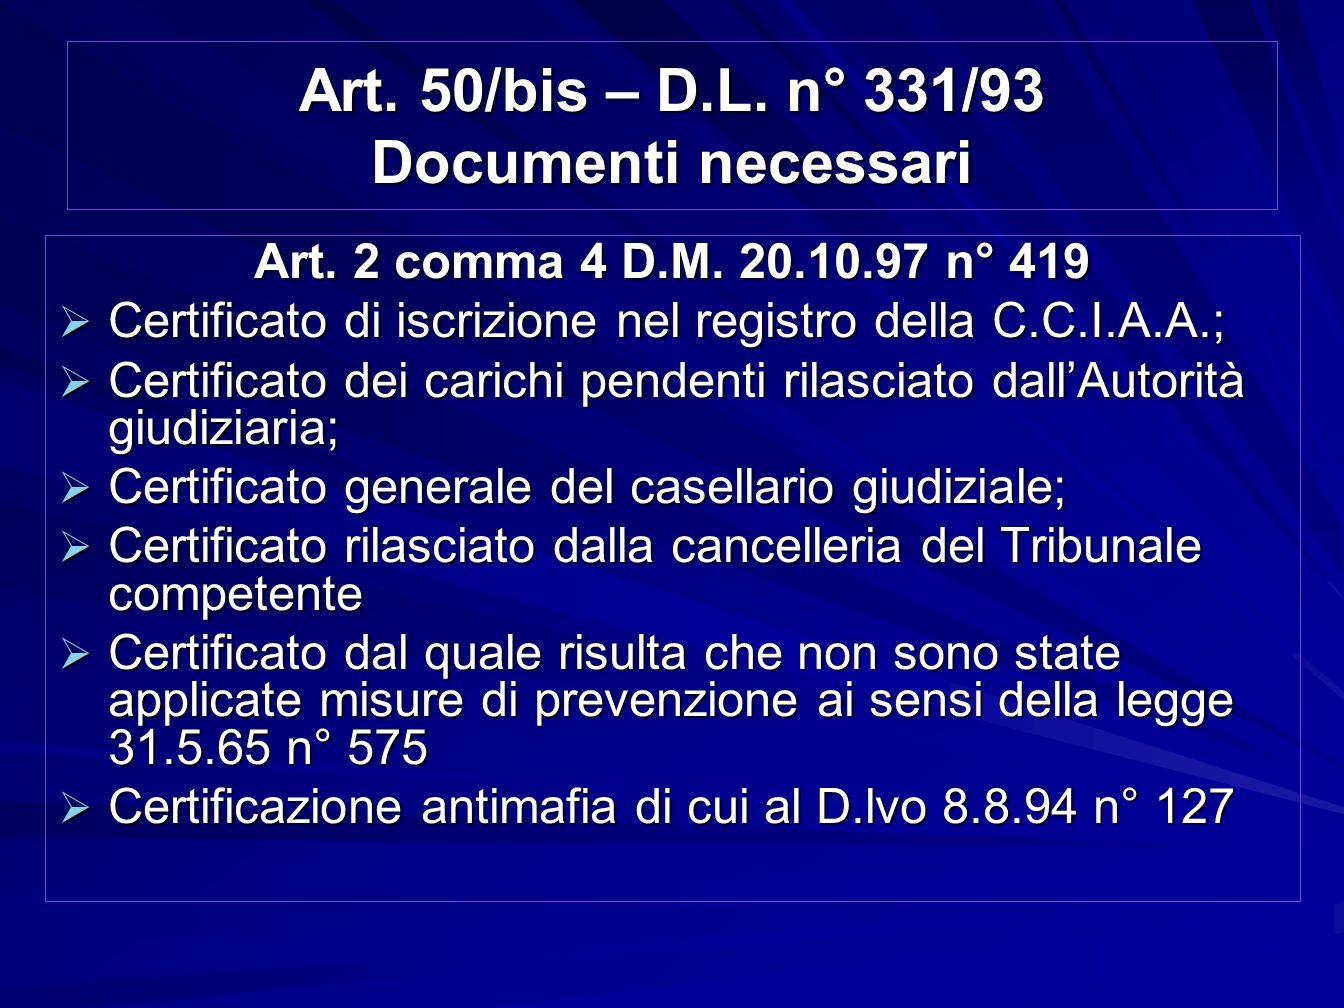 Art. 50/bis – D.L. n° 331/93 Documenti necessari Art. 2 comma 4 D.M. 20.10.97 n° 419 Certificato di iscrizione nel registro della C.C.I.A.A.; Certific